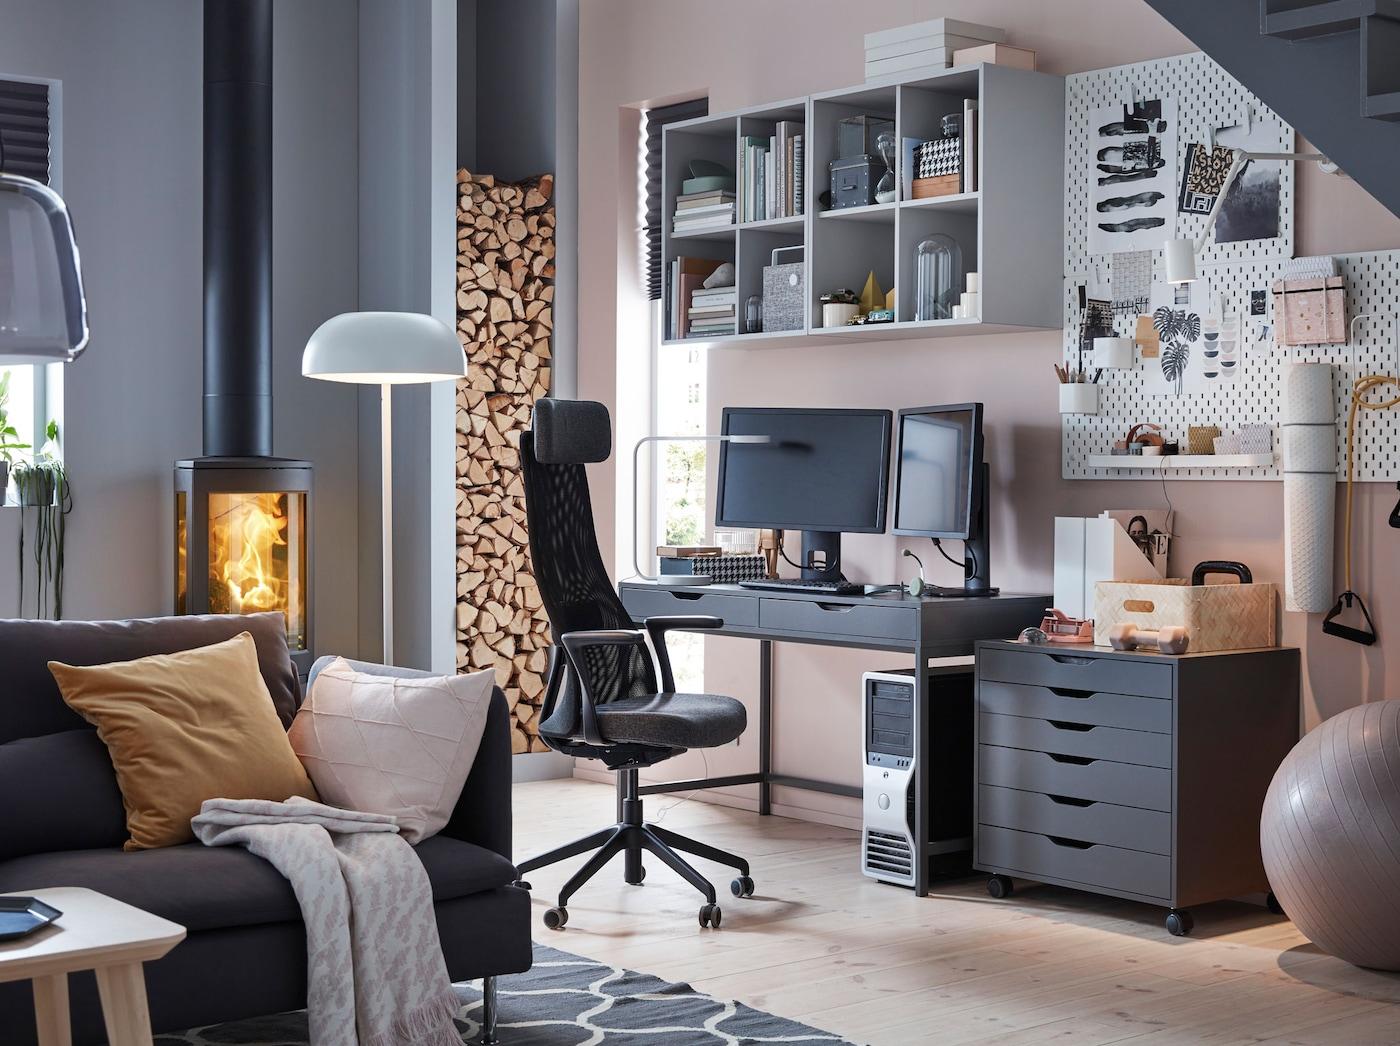 Pelituolit ja pelipöydät. Ergonominen tummanharmaa JÄRVFJÄLLET pyörivä työtuoli on hyvä gaming työtuoli. Kotitoimisto on myös nettipelaajan unelmapaikka..